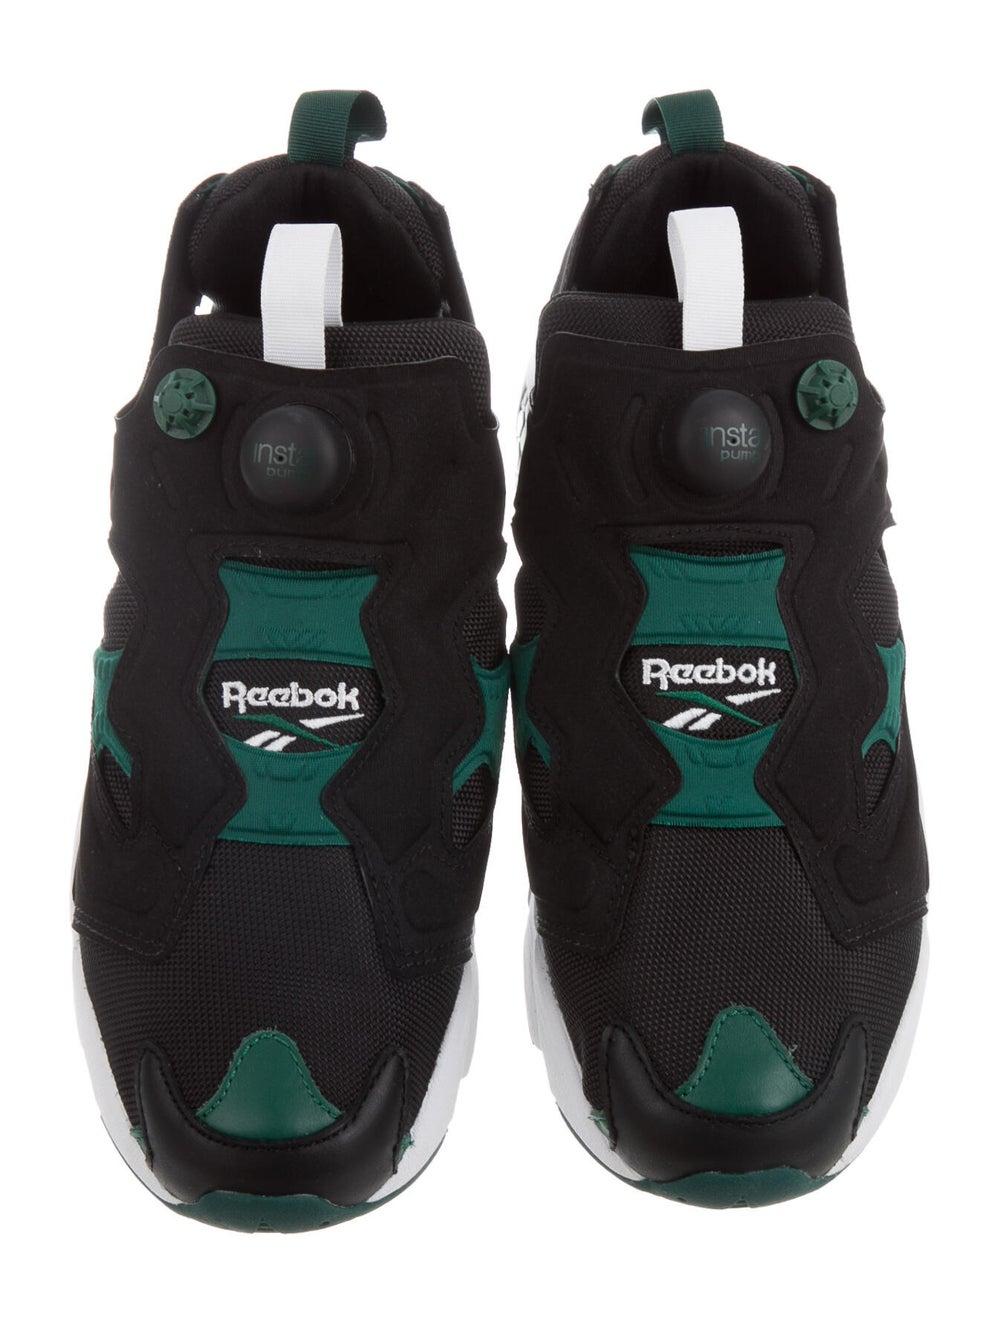 Reebok InstaPump Fury OG MU Sneakers Black - image 3